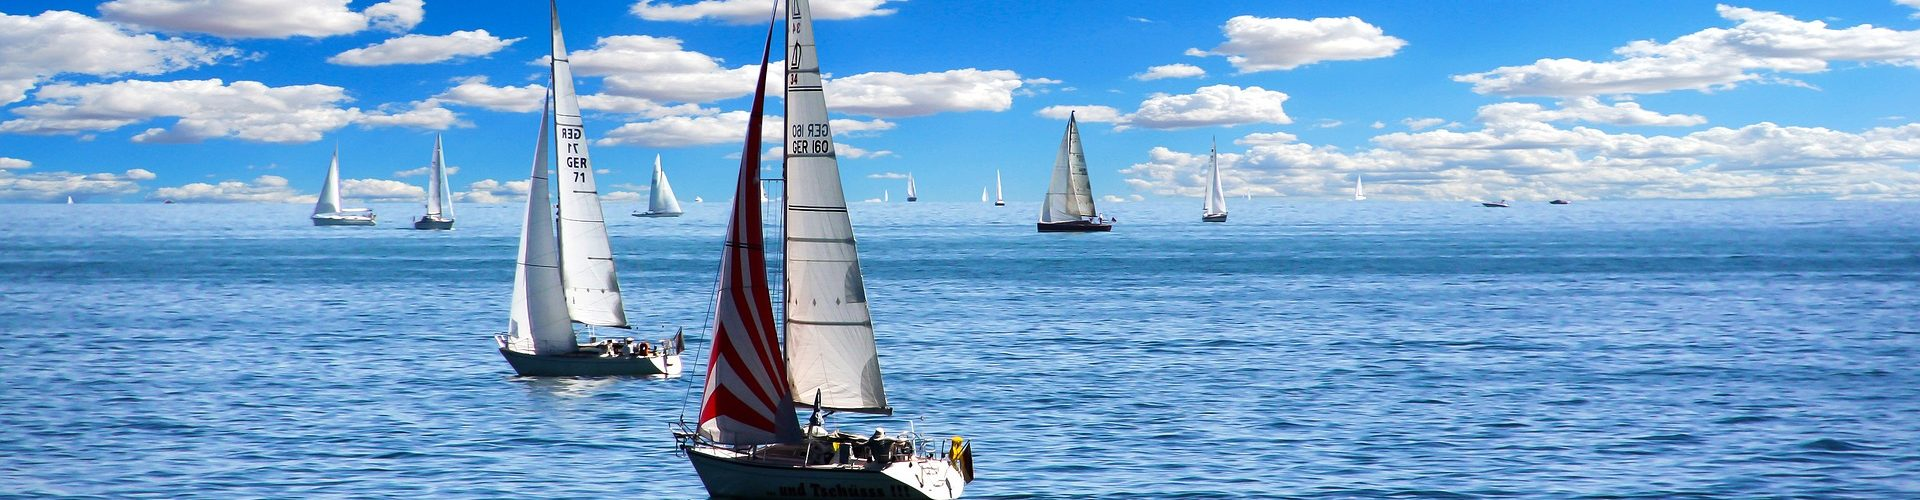 segeln lernen in Lunden segelschein machen in Lunden 1920x500 - Segeln lernen in Lunden